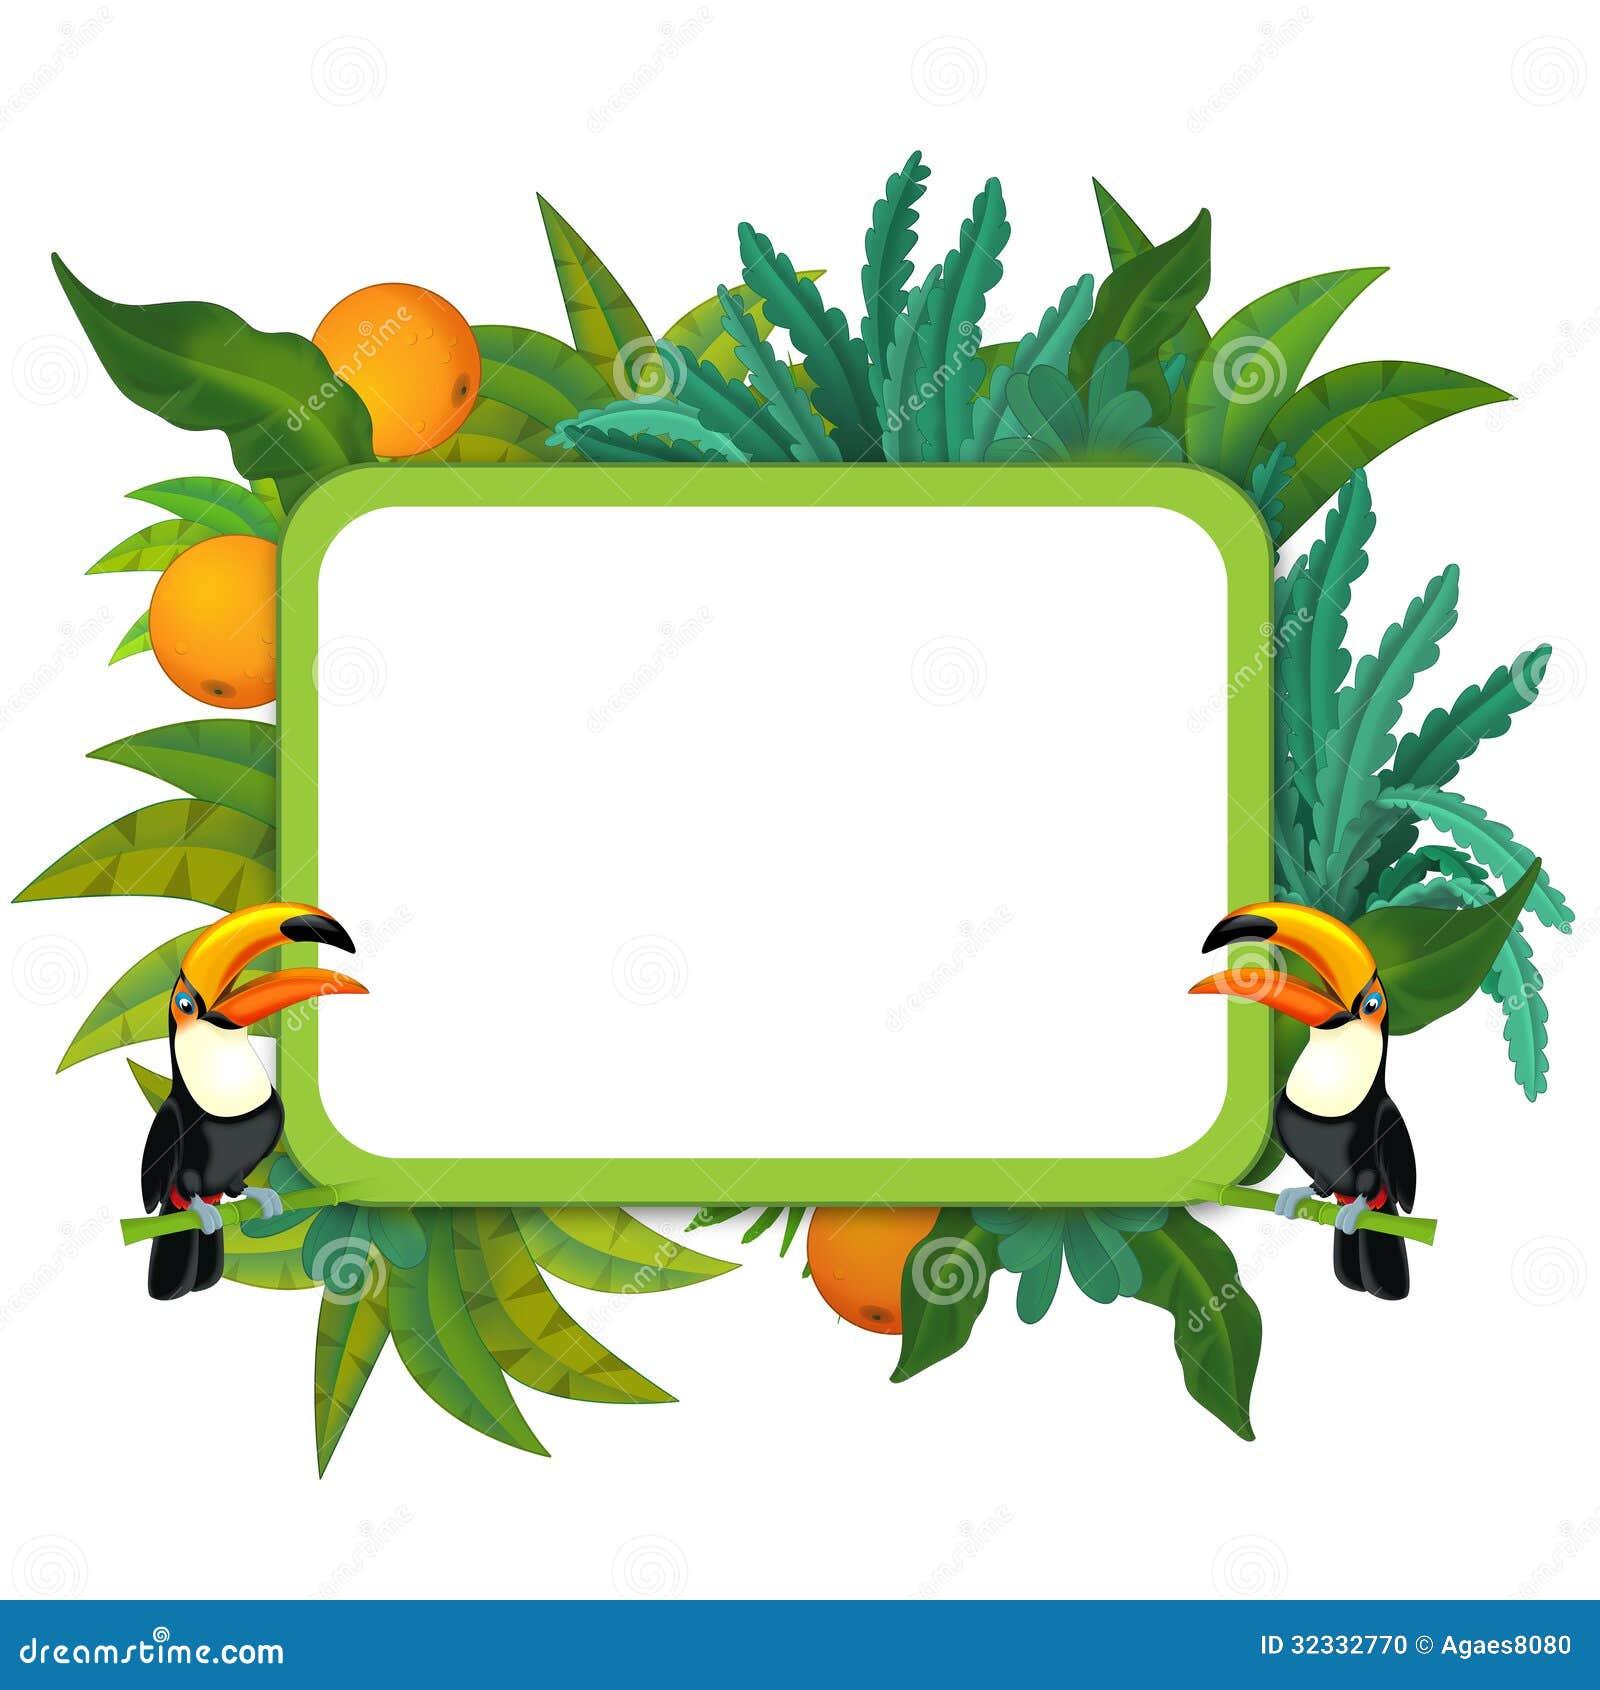 横幅-框架-边界-森林探险队题材-孩子的例证图片